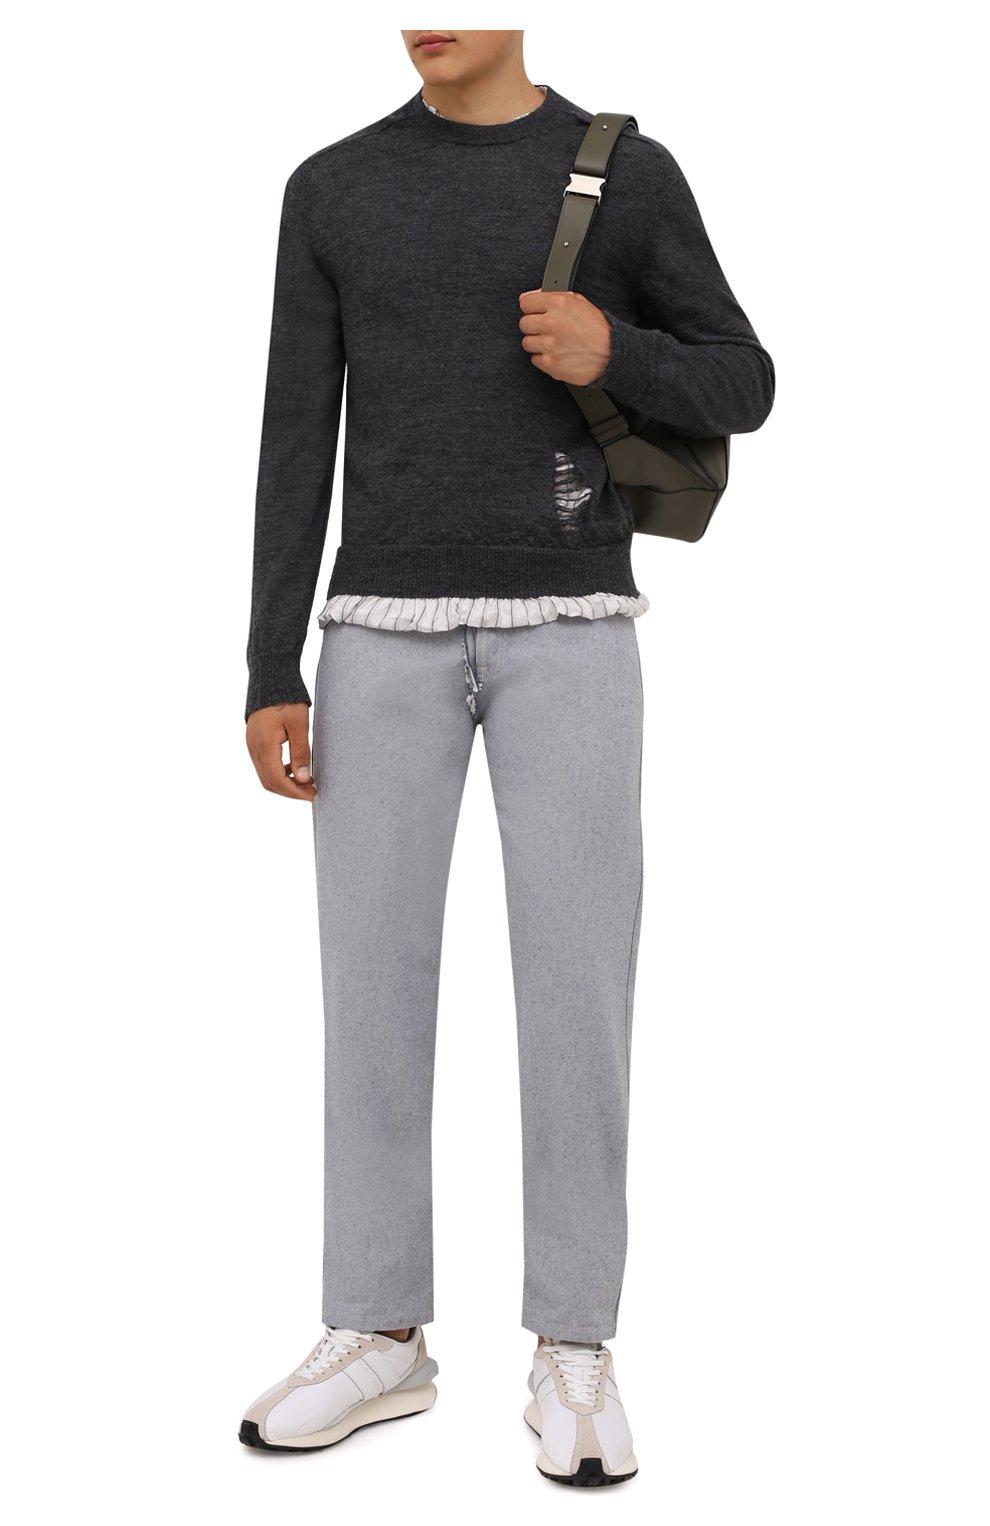 Мужской шерстяной свитер MAISON MARGIELA серого цвета, арт. S50HA1007/S17784   Фото 2 (Материал внешний: Шерсть; Рукава: Длинные; Принт: Без принта; Длина (для топов): Стандартные; Материал подклада: Синтетический материал, Вискоза; Мужское Кросс-КТ: Свитер-одежда; Стили: Минимализм)